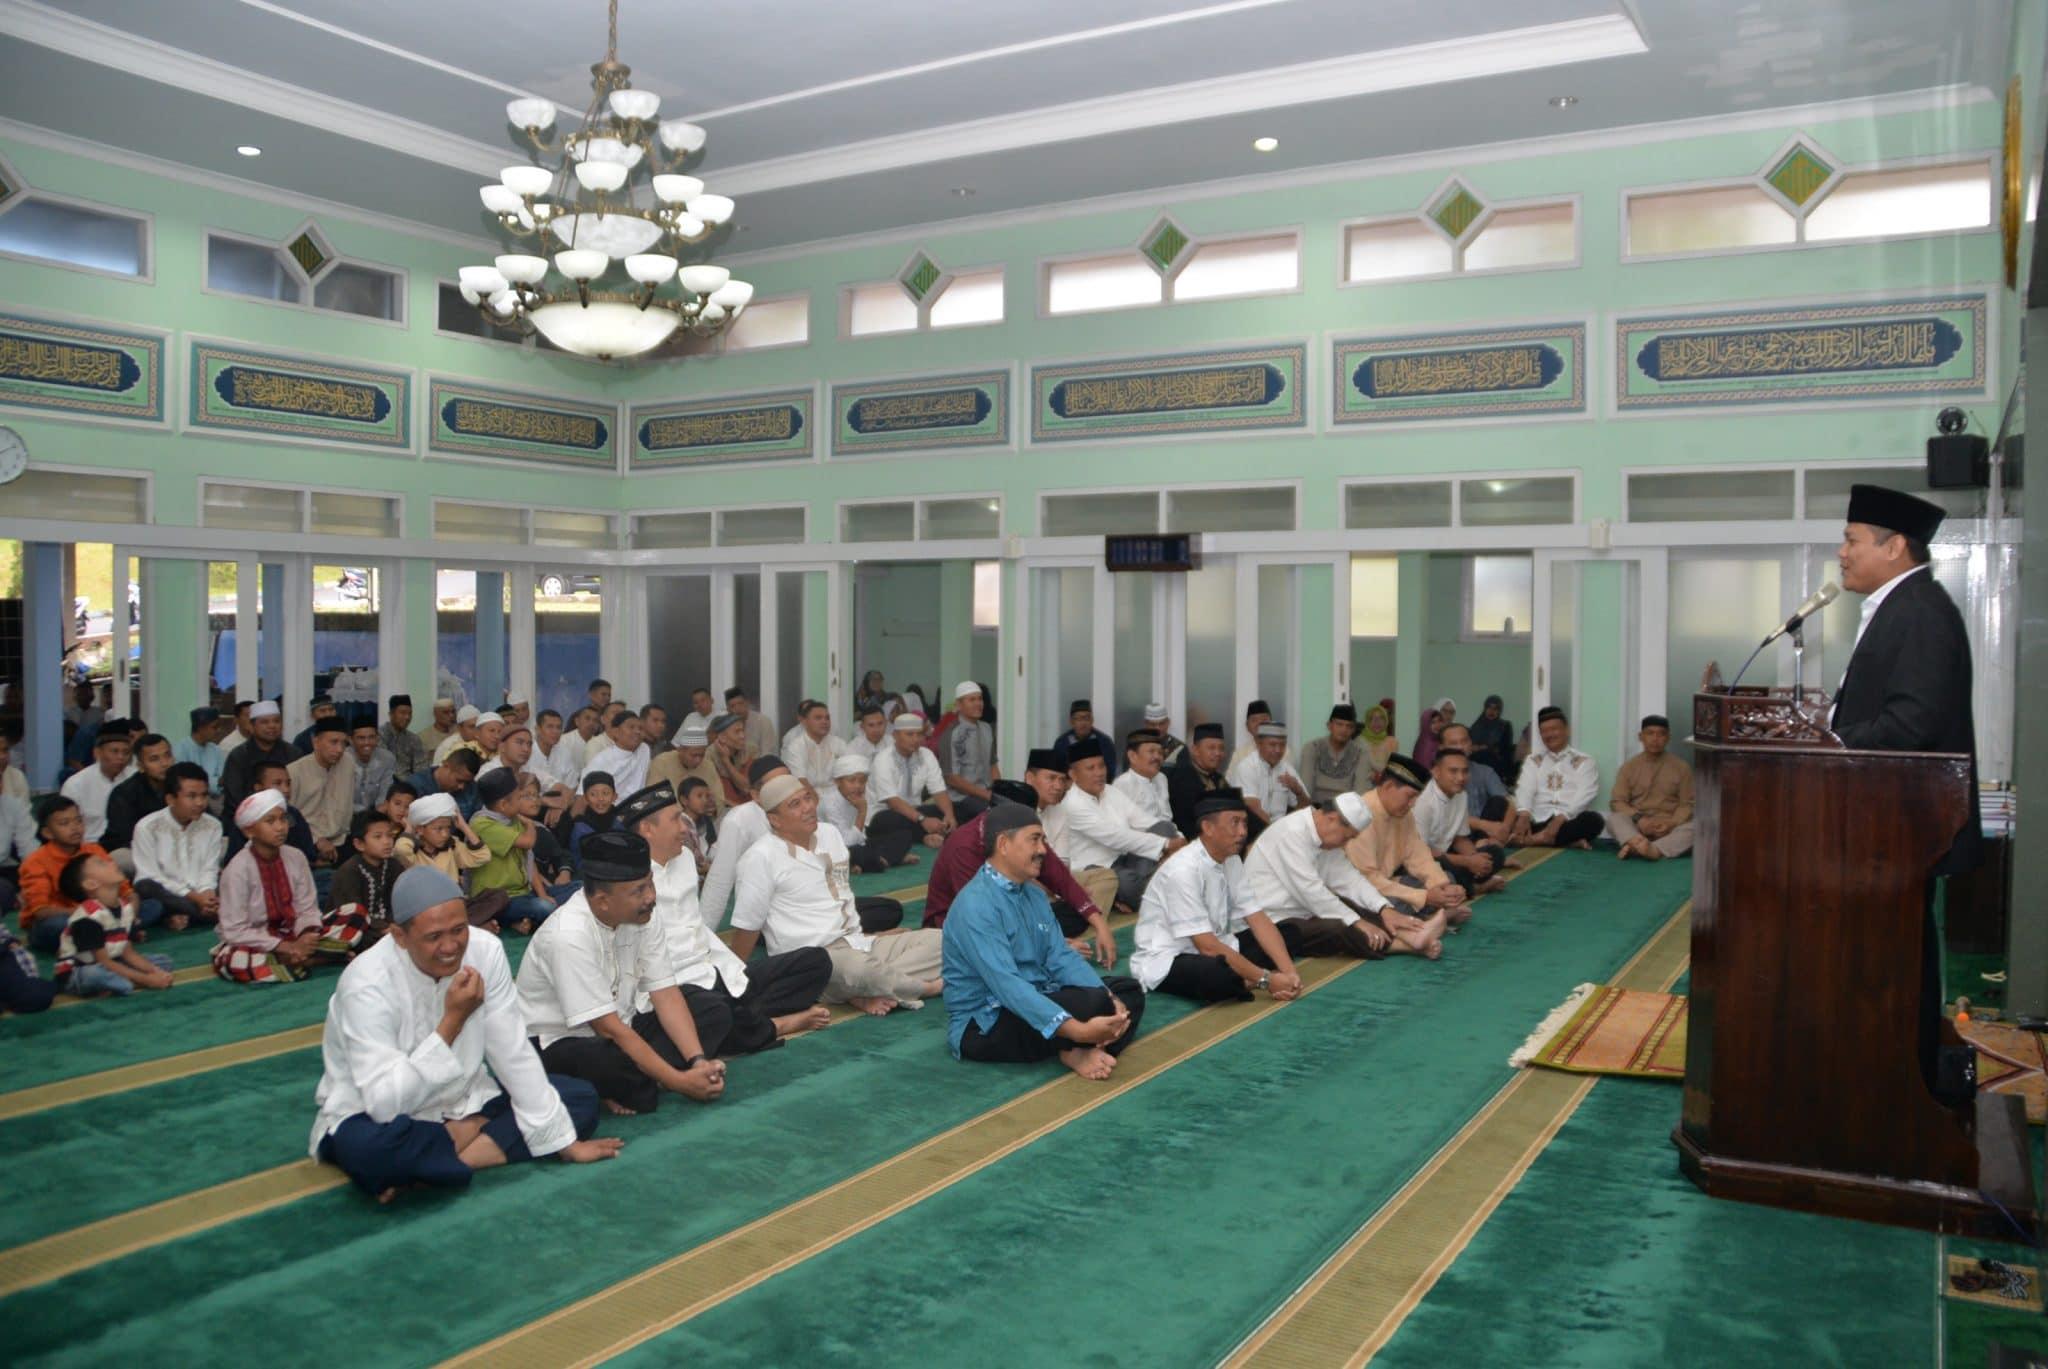 Seskoau Peringati Nuzulul Qur'an dan Buka Puasa Bersama